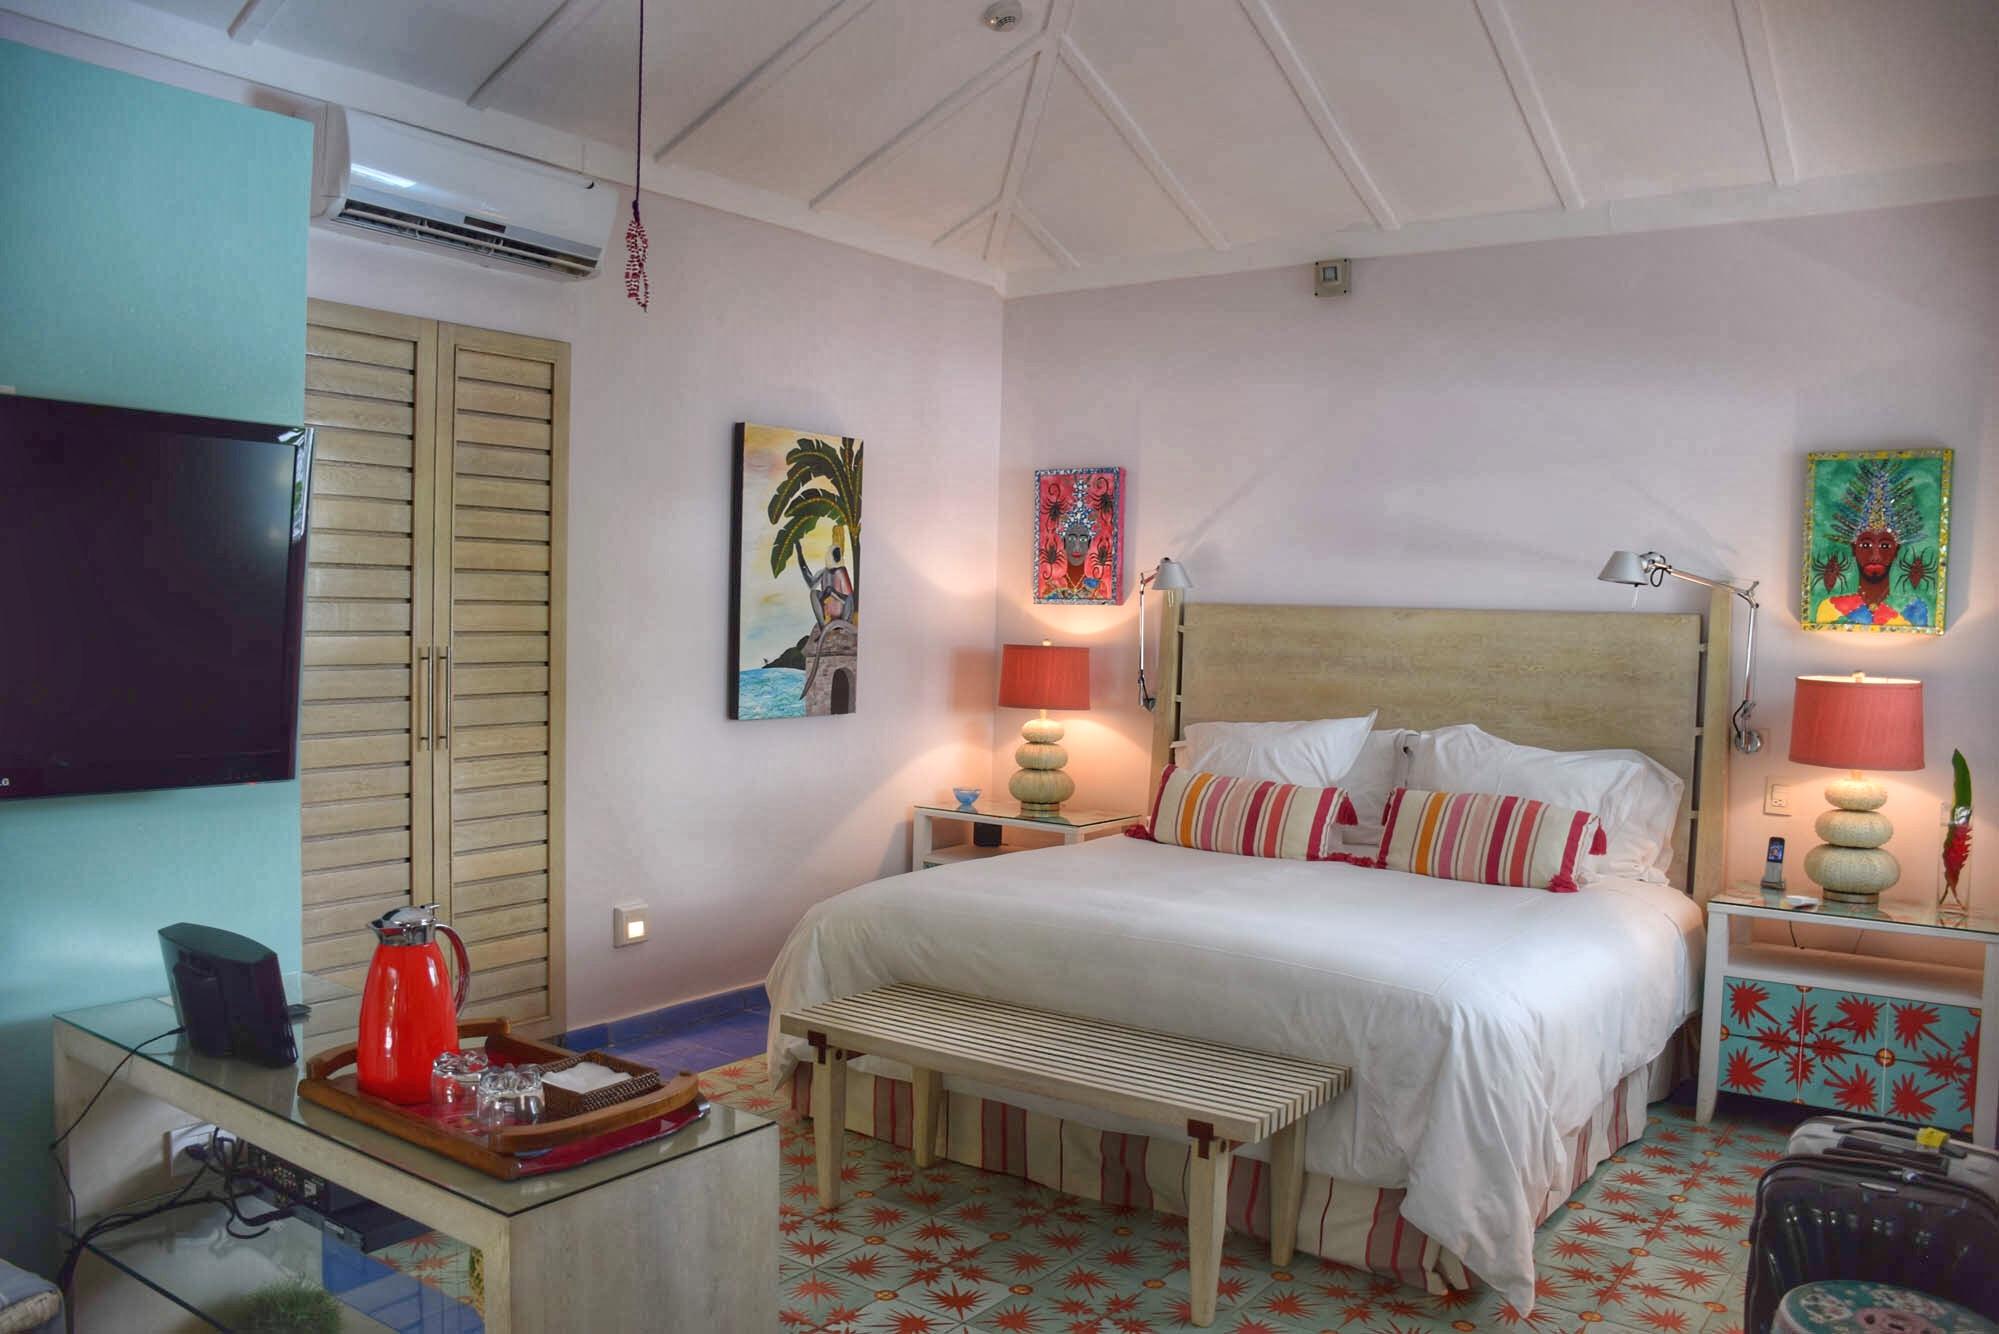 Praias no Panamá - Hotel El Otro Lado - hotel de luxo em Portobelo